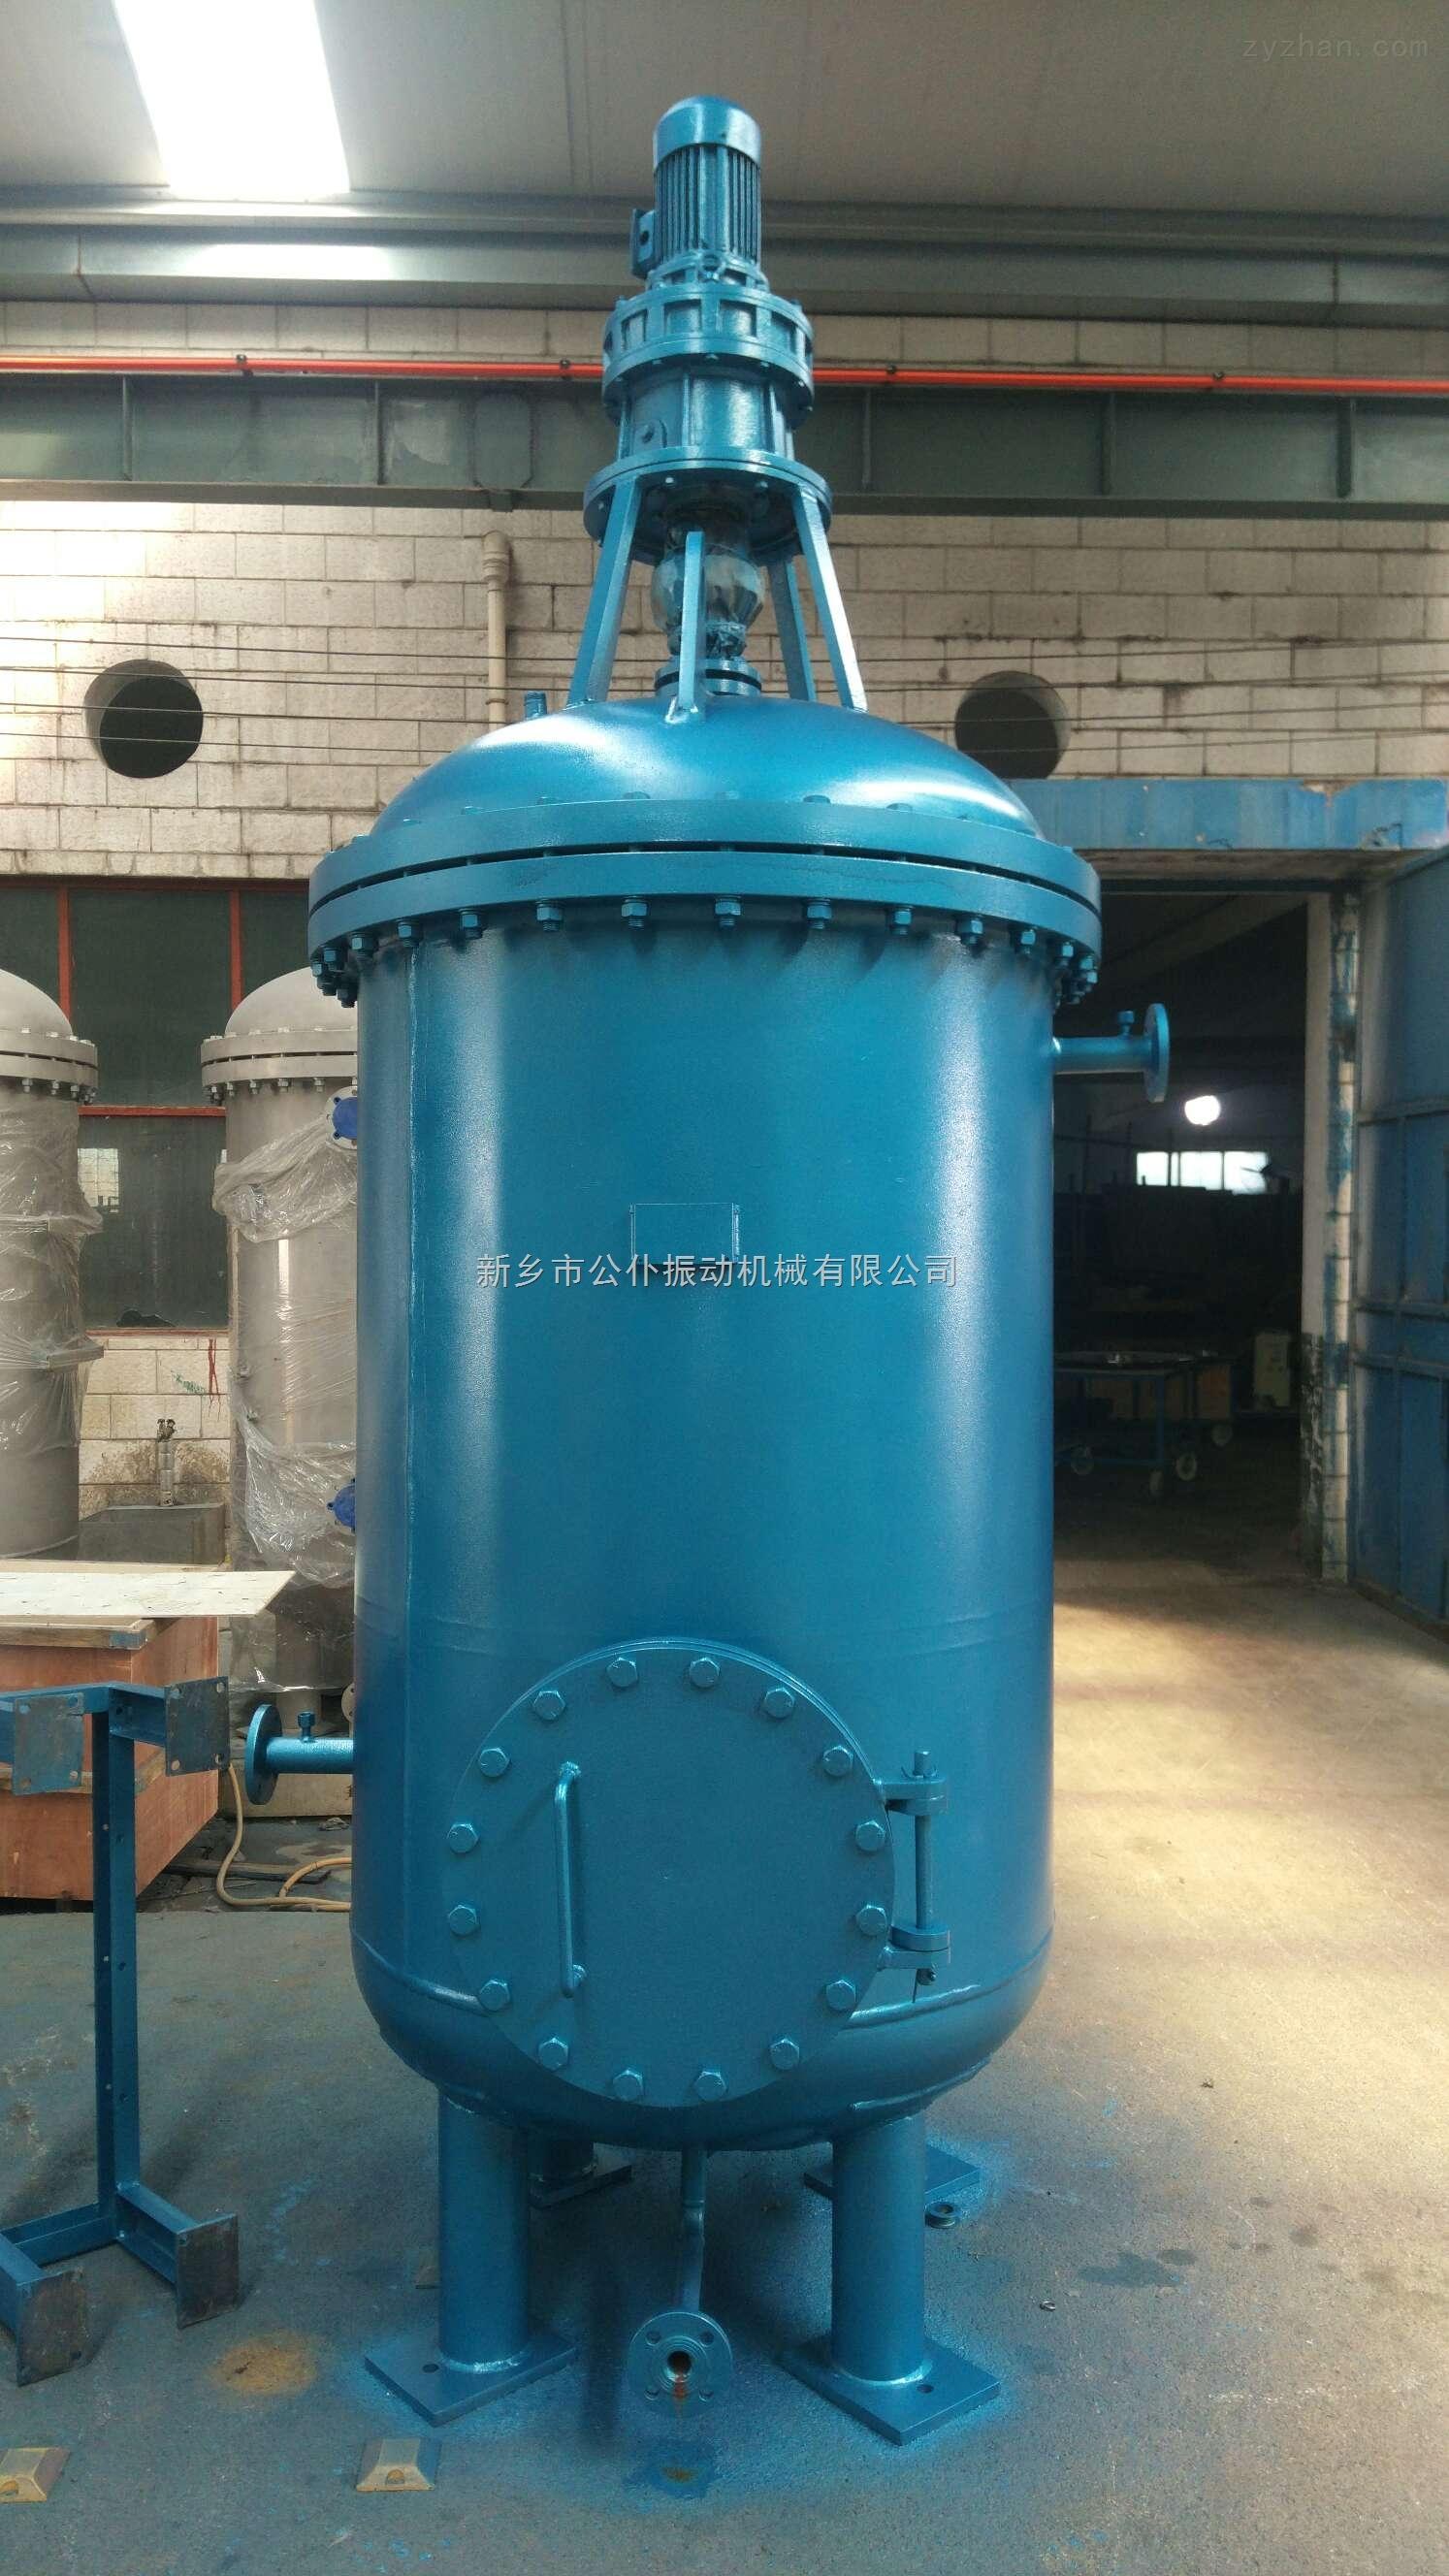 江苏《自动》循环水旁滤器项目应用